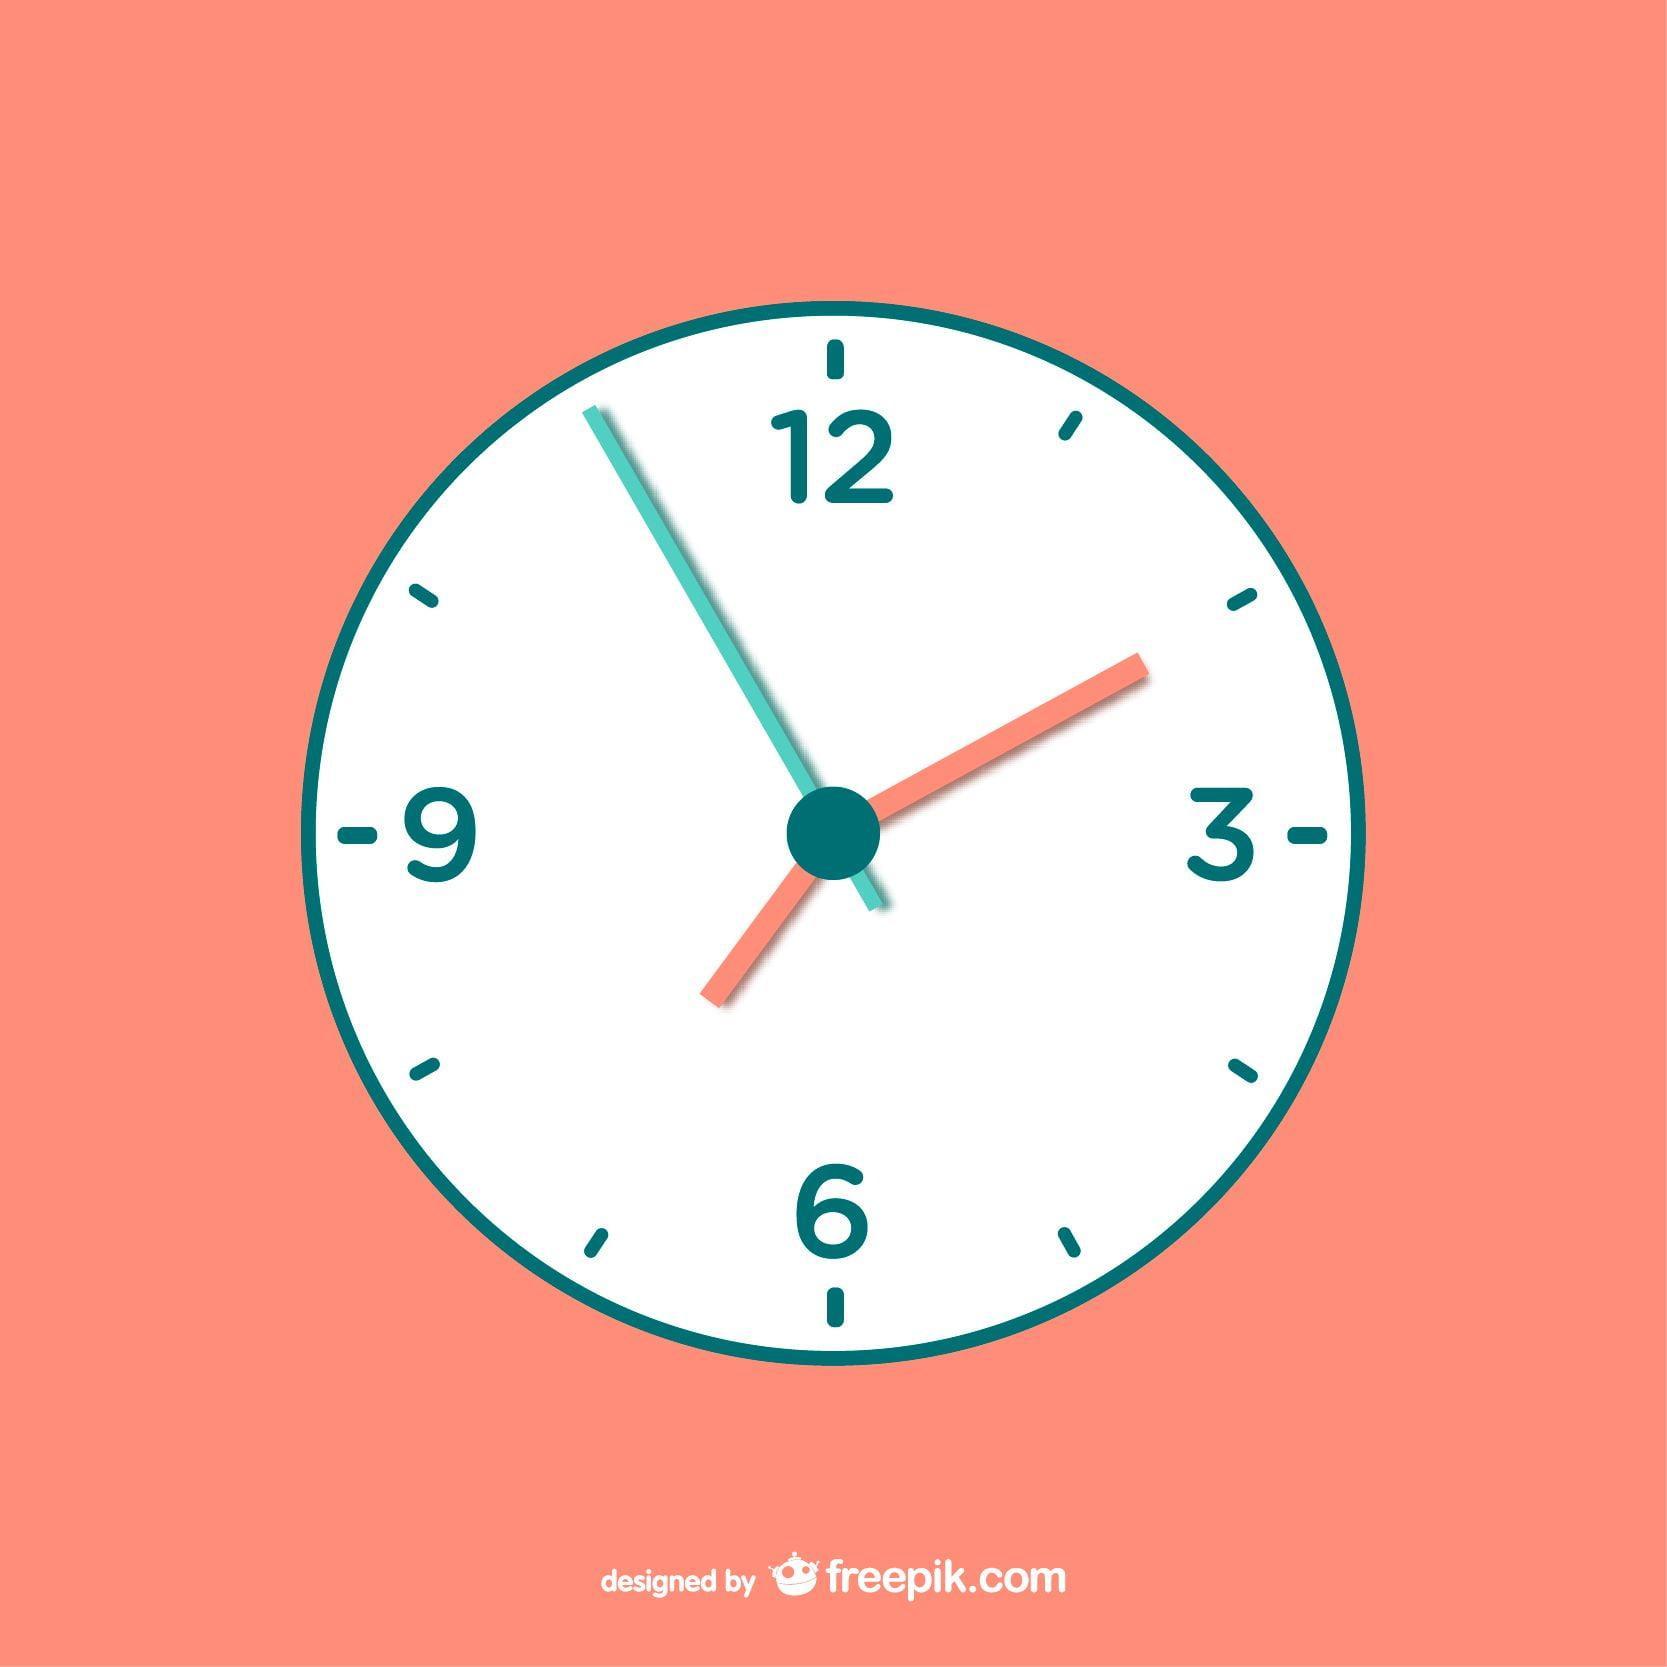 Άλλαξαν οι ώρες κοινής ησυχίας – Οι απαγορεύσεις και οι ποινές